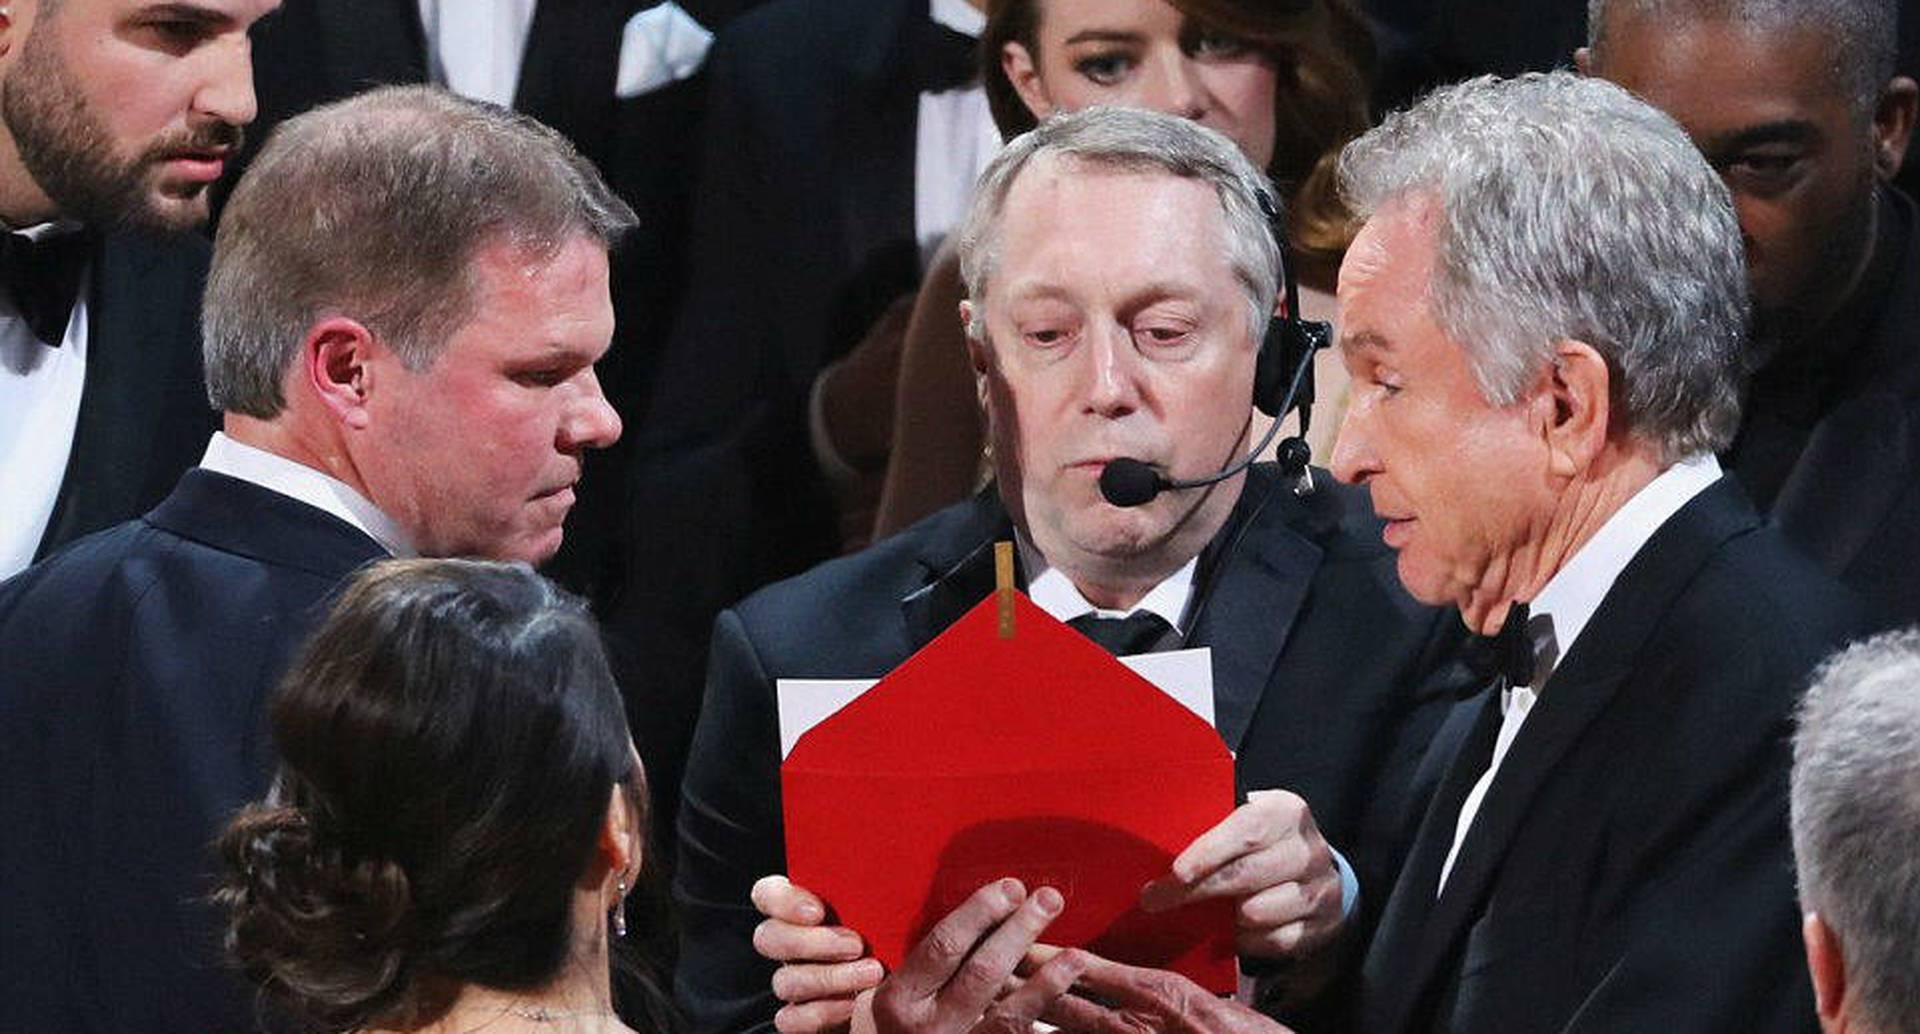 En este momento los organizadores estaban confirmando que en realidad la producción que se llevaba el premio a Mejor Película sería 'Moonlight'. Foto: AFP.